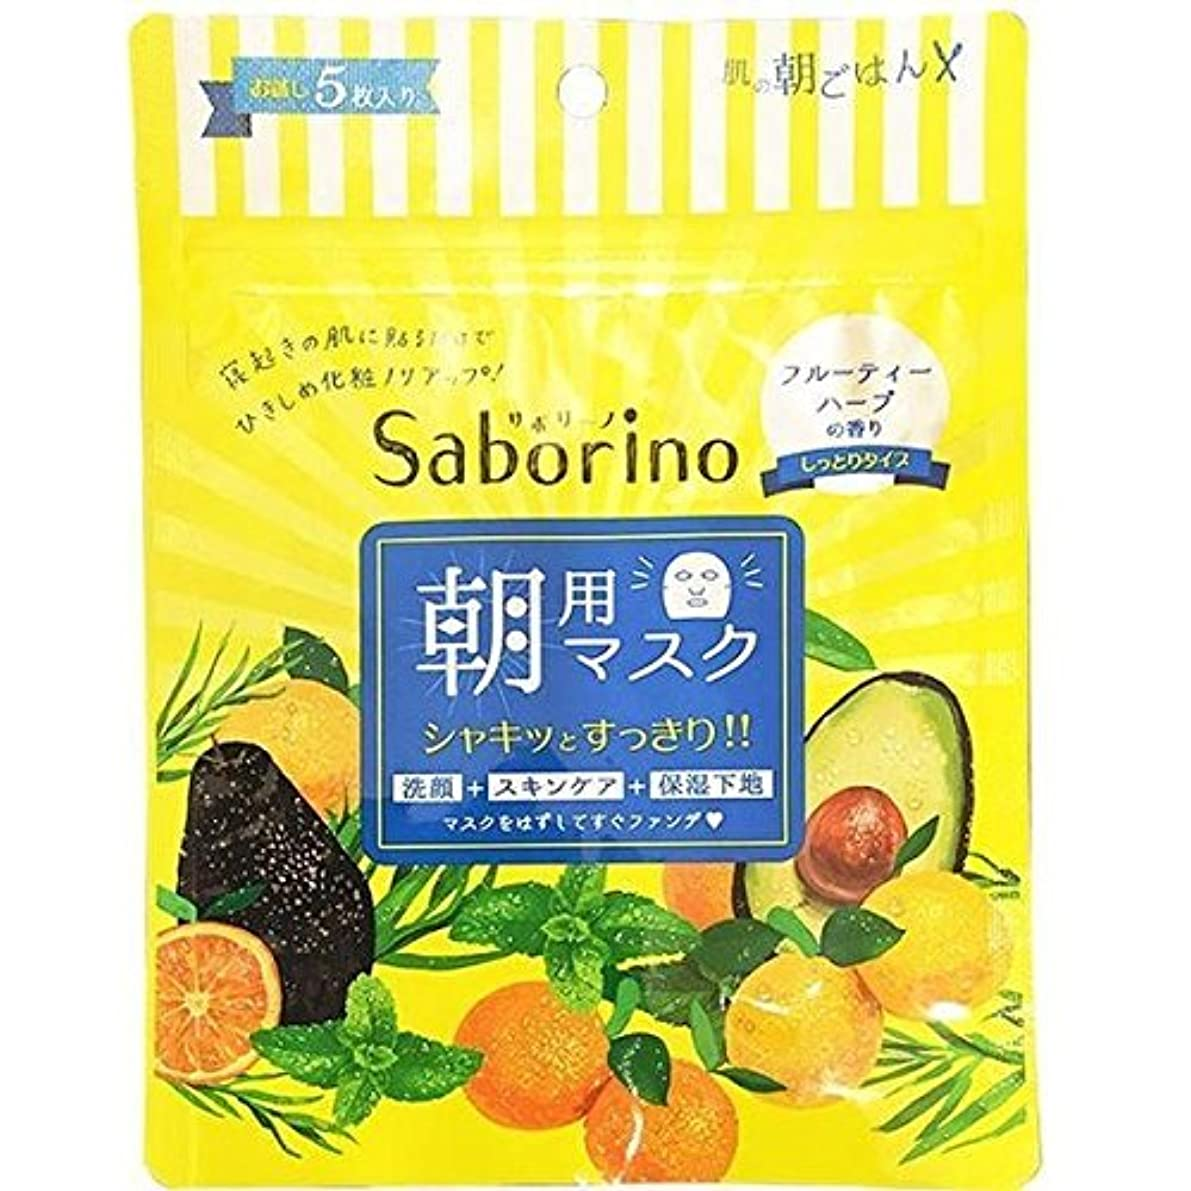 引き潮隠す緊急Saborino(サボリーノ)  目ざまシート(5枚入)